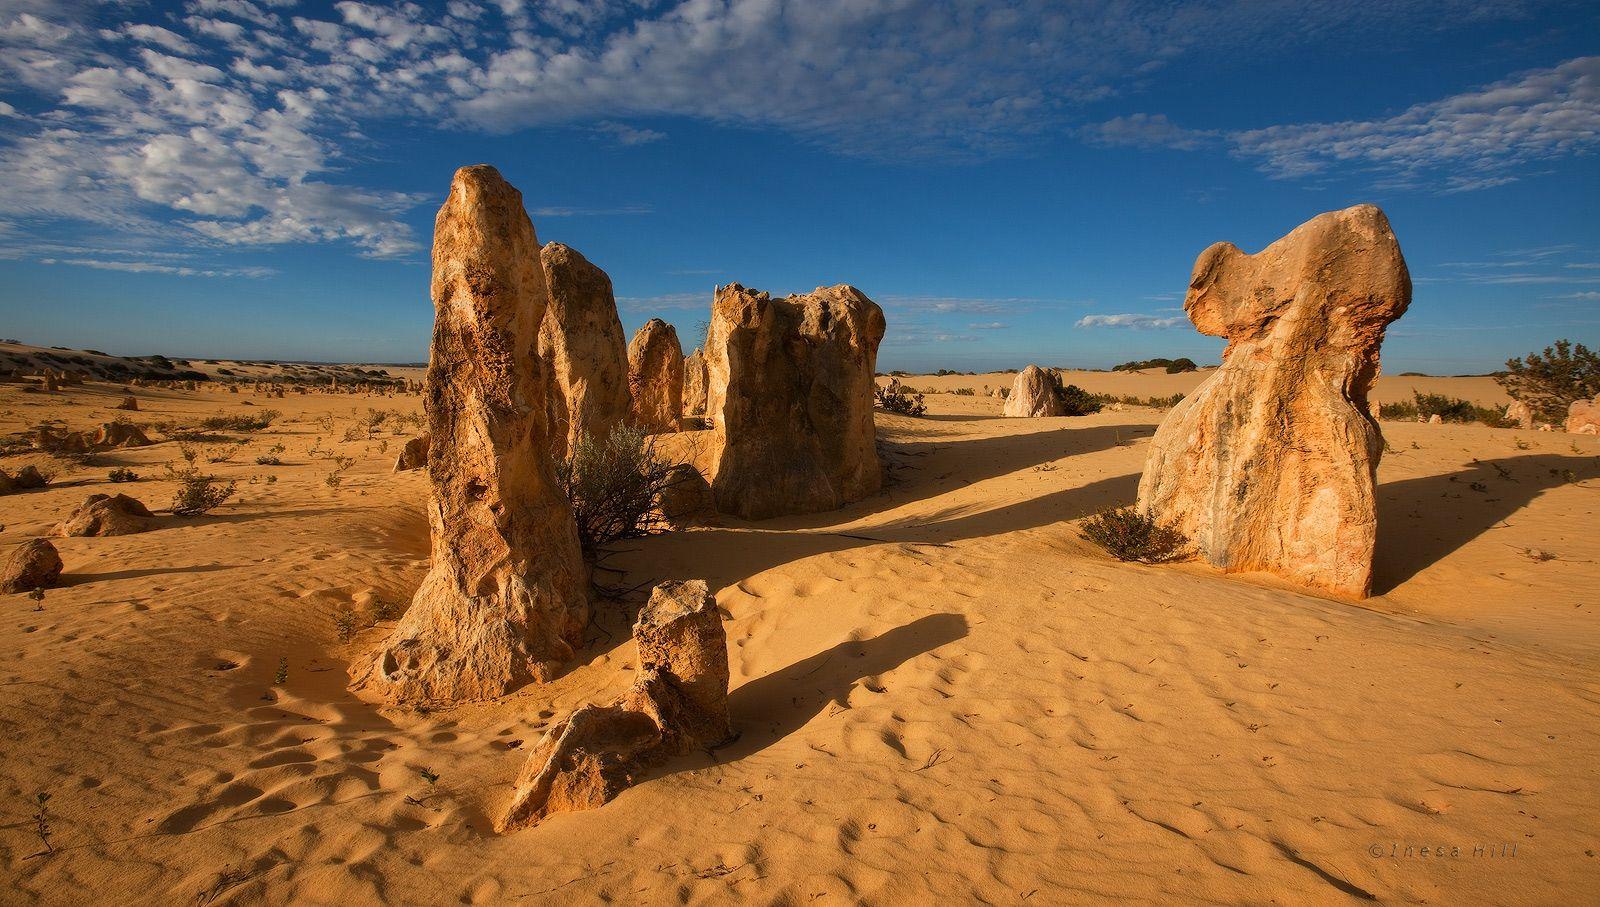 6. Как же образовались эти башенки? Определенной версии нет, но ученые склоняются к тому, что когда-то Pinnacle Desert была дном океана. Когда океан отступил на слой известняка наносился слой почвы, а вода, ветер, корни растений, размягчающие известняк сделали свое дело и образовалось такое вот чудо природы. Археологи утверждают, что всего лишь 6000 лет назад на территории пустыни жили люди